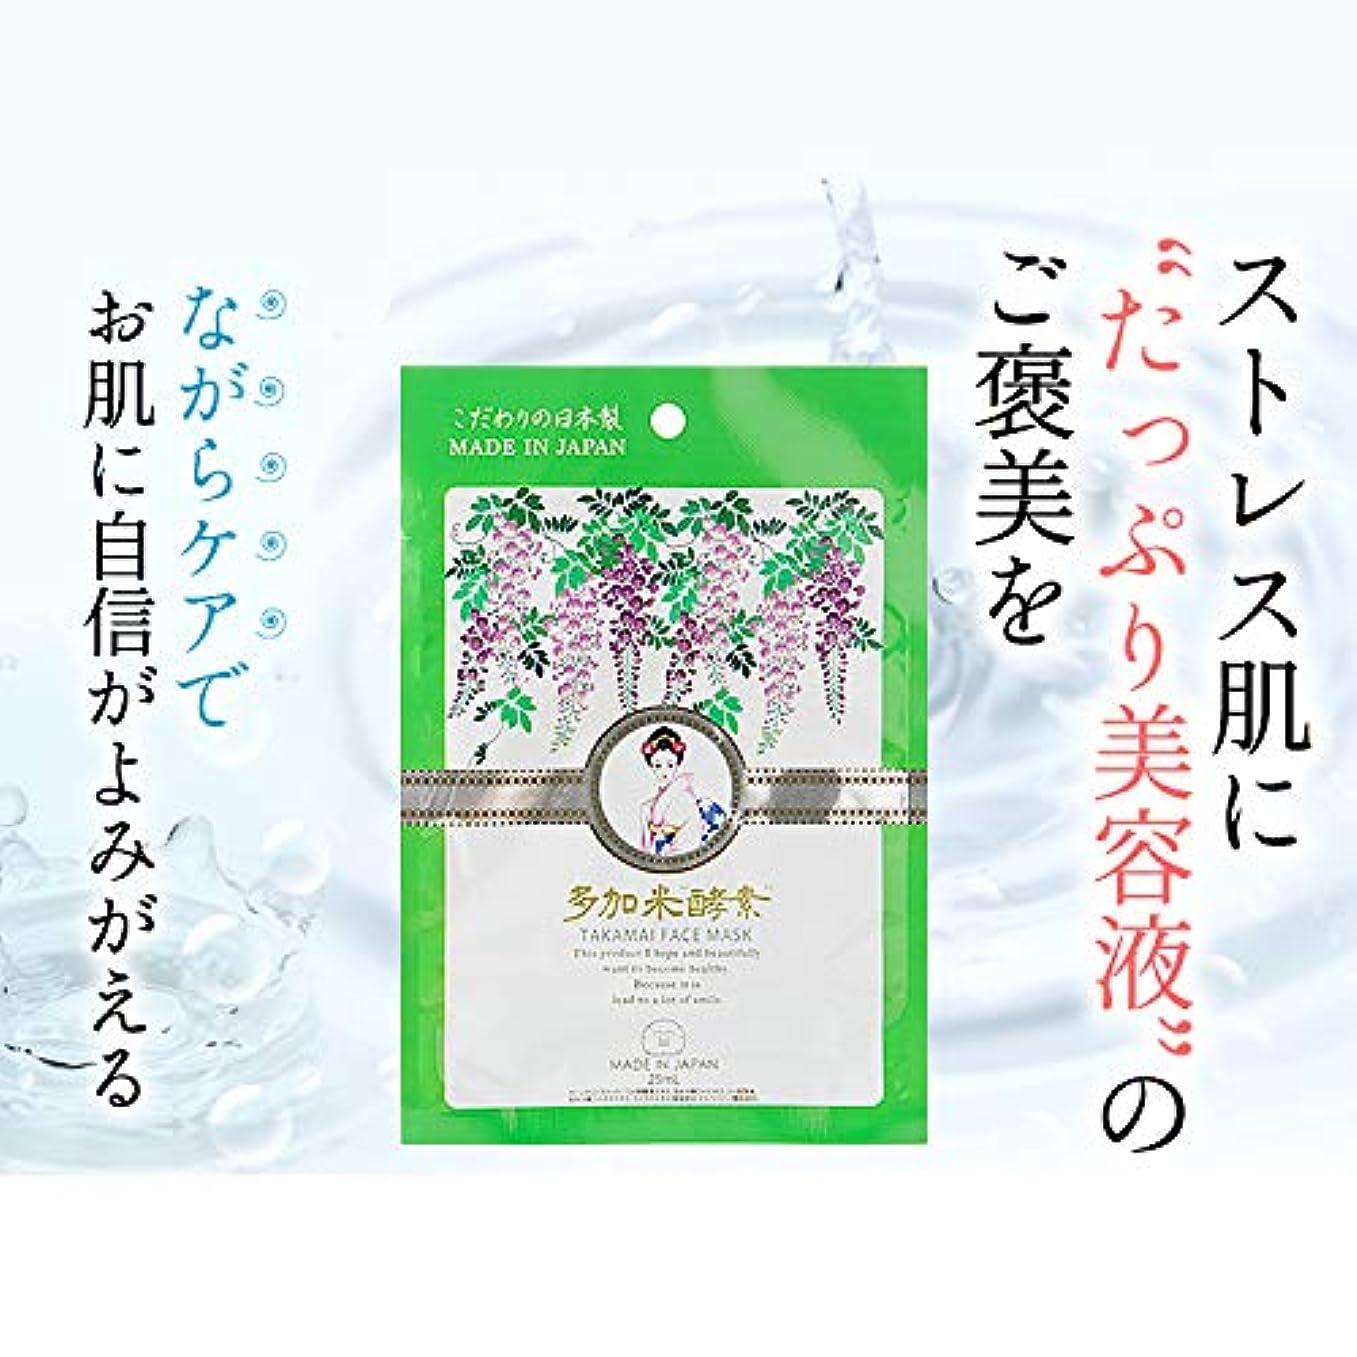 妥協ナイトスポット耐えられる多加米酵素フェイスマスク シートマスク フェイスマスク 保湿マスク 美容液 25ml 10枚セット